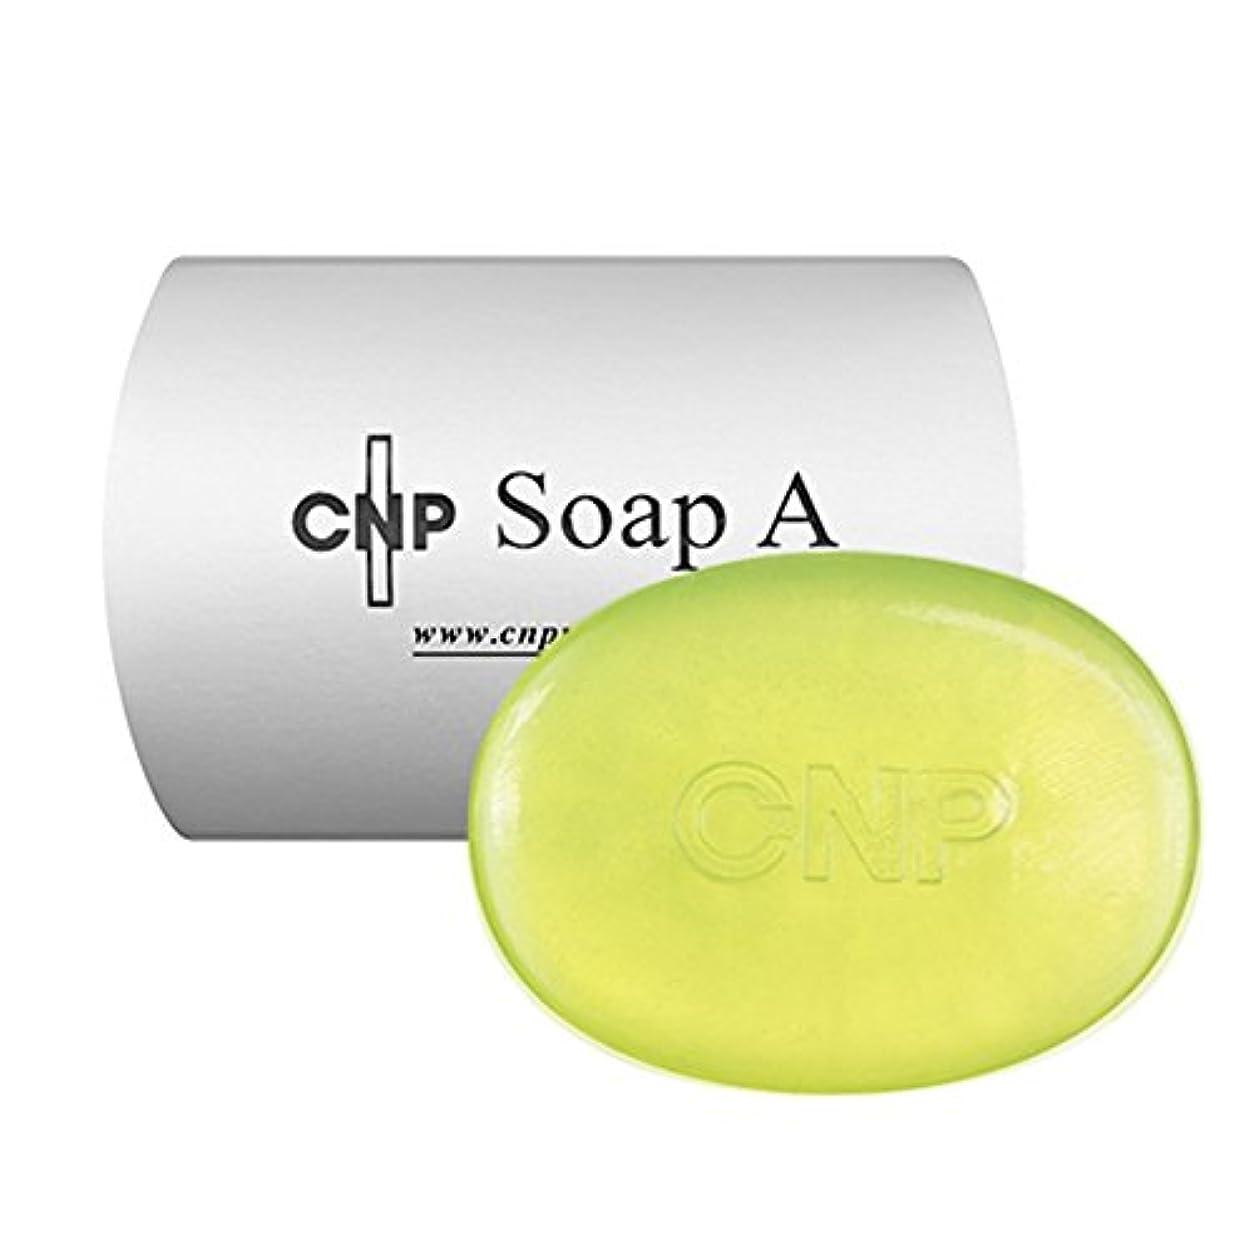 バインド散歩ありがたいCNP Soap A チャアンドパク ソープ A [並行輸入品]